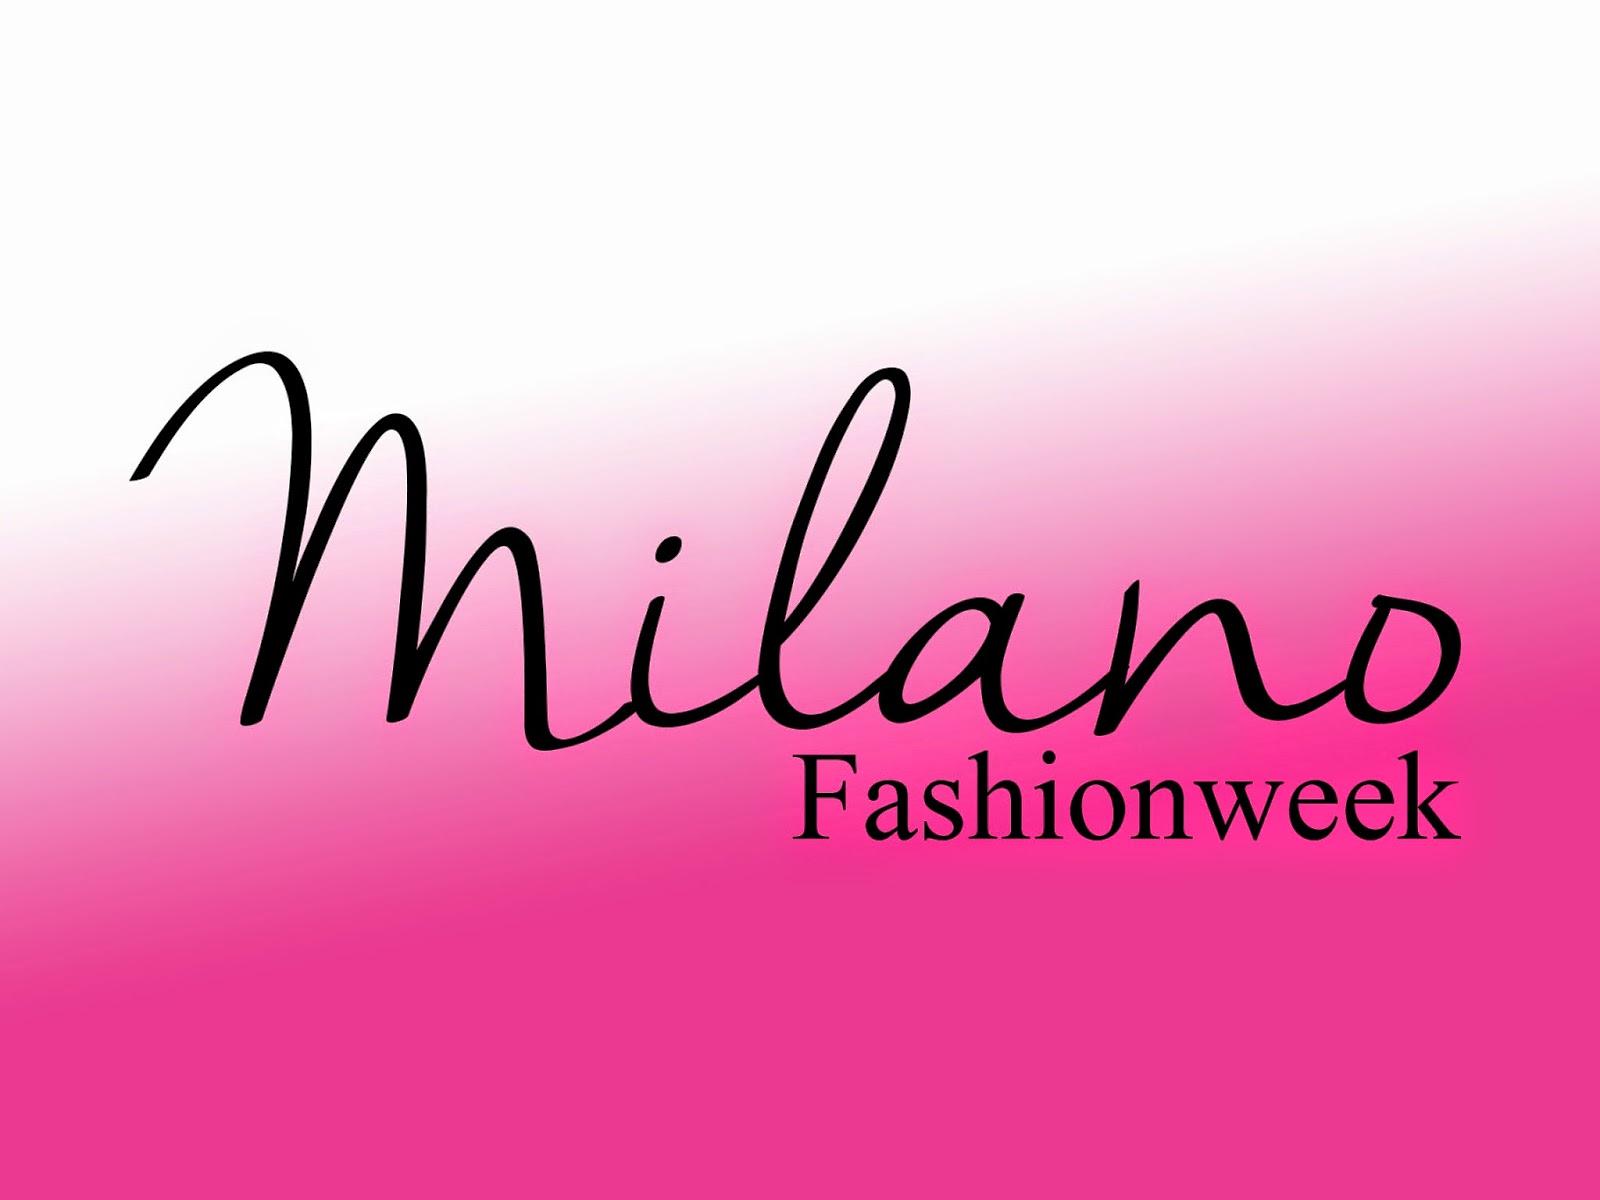 Fashionweek Milano 2015_01